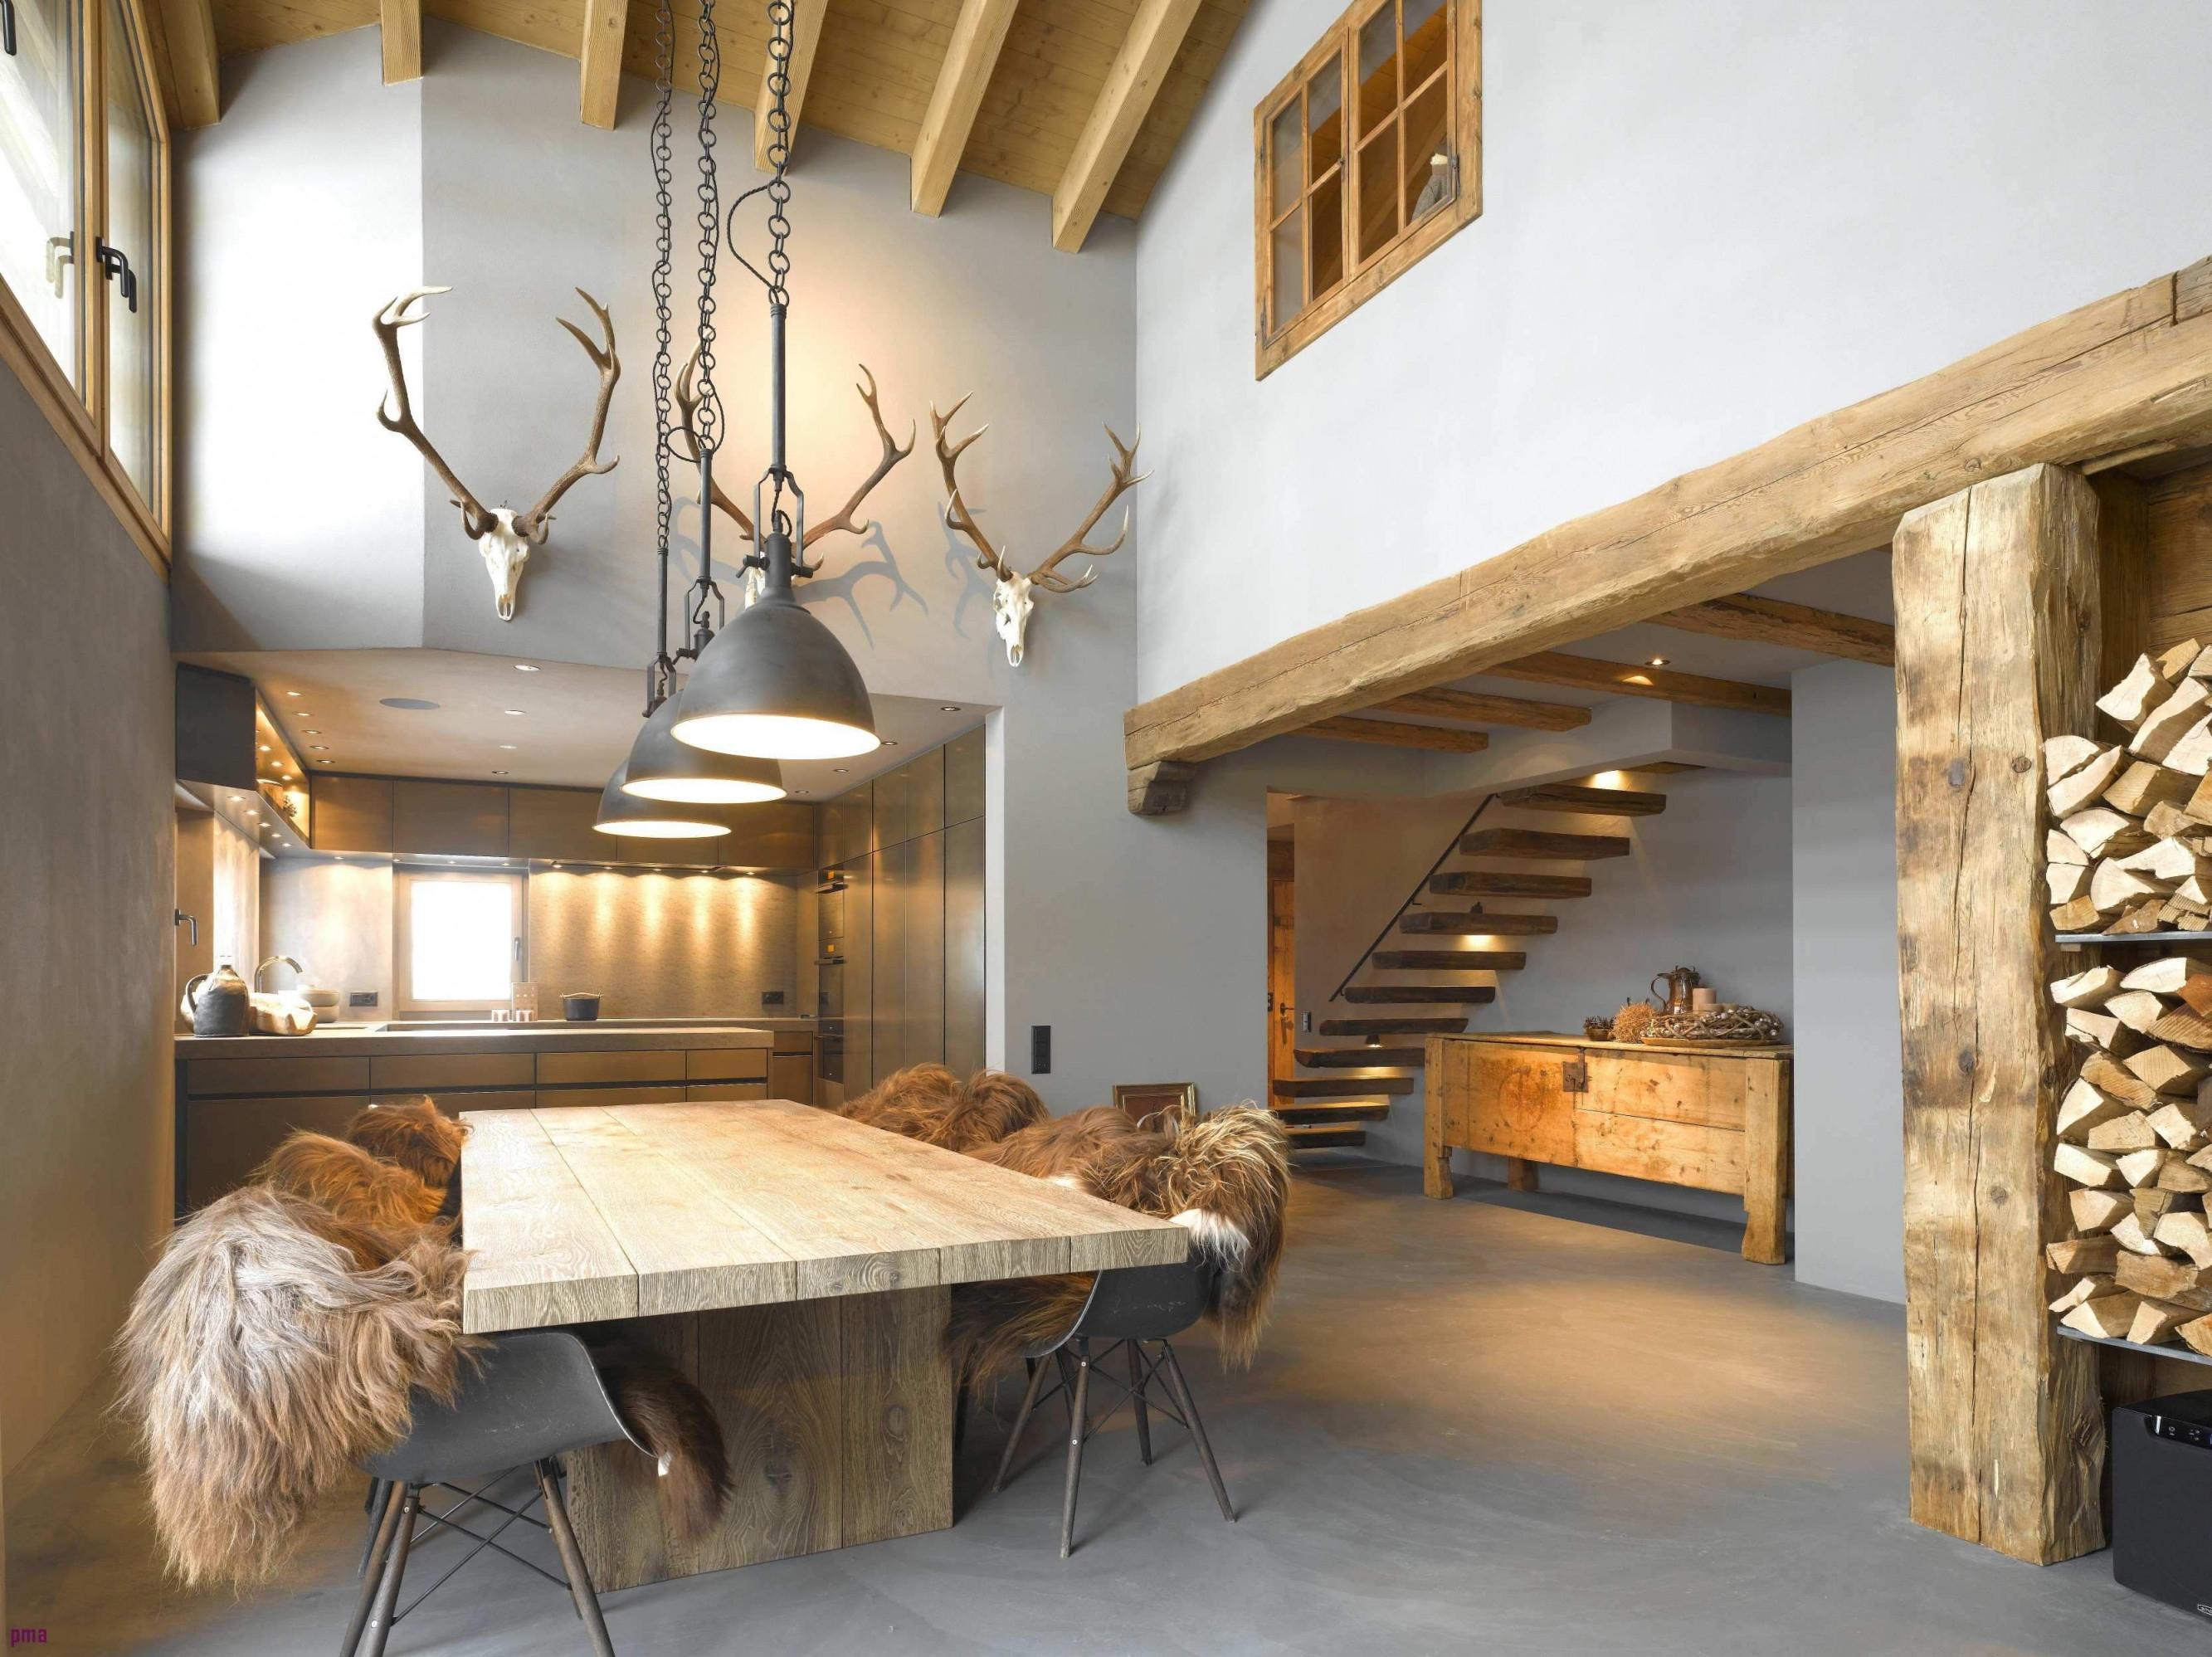 Pin Von Erik Auf Projekte In 2020  Deko Wohnzimmer Modern von Deko Wohnzimmer Holz Bild